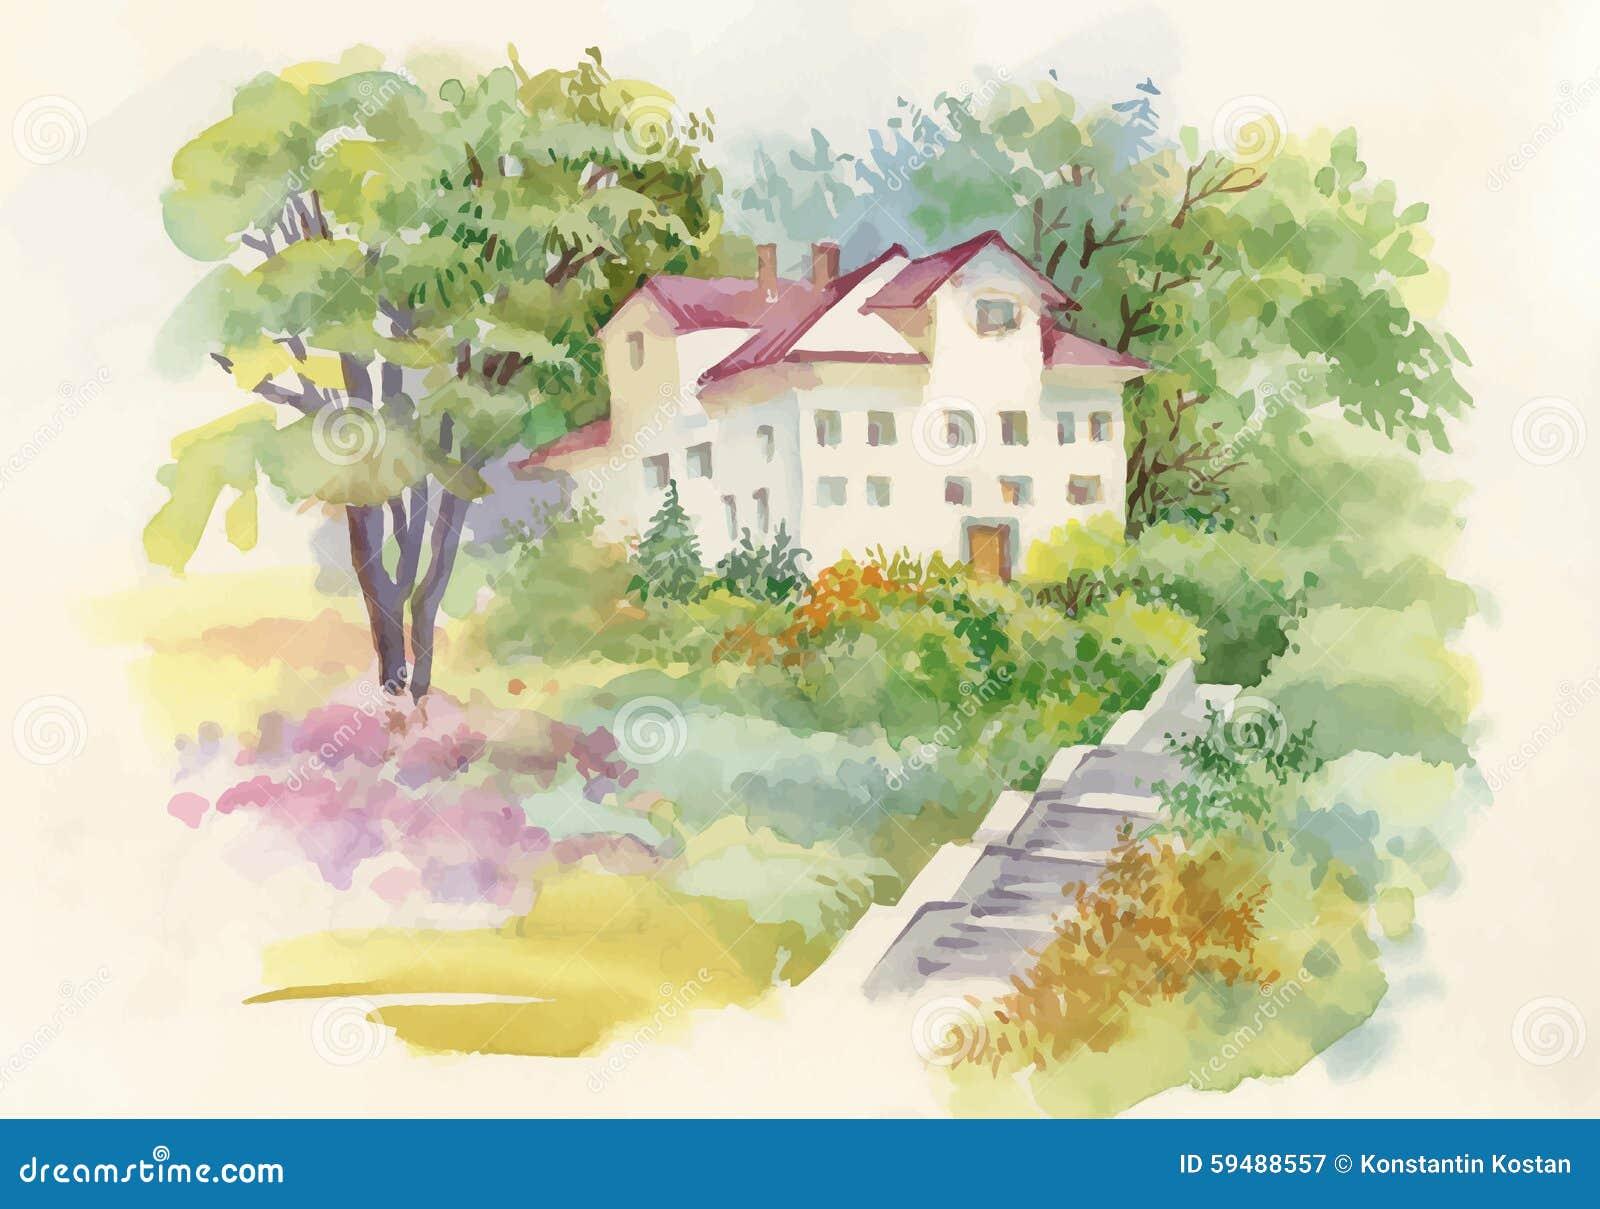 Peinture d 39 aquarelle de maison dans l 39 illustration en bois for Aquarelle maison